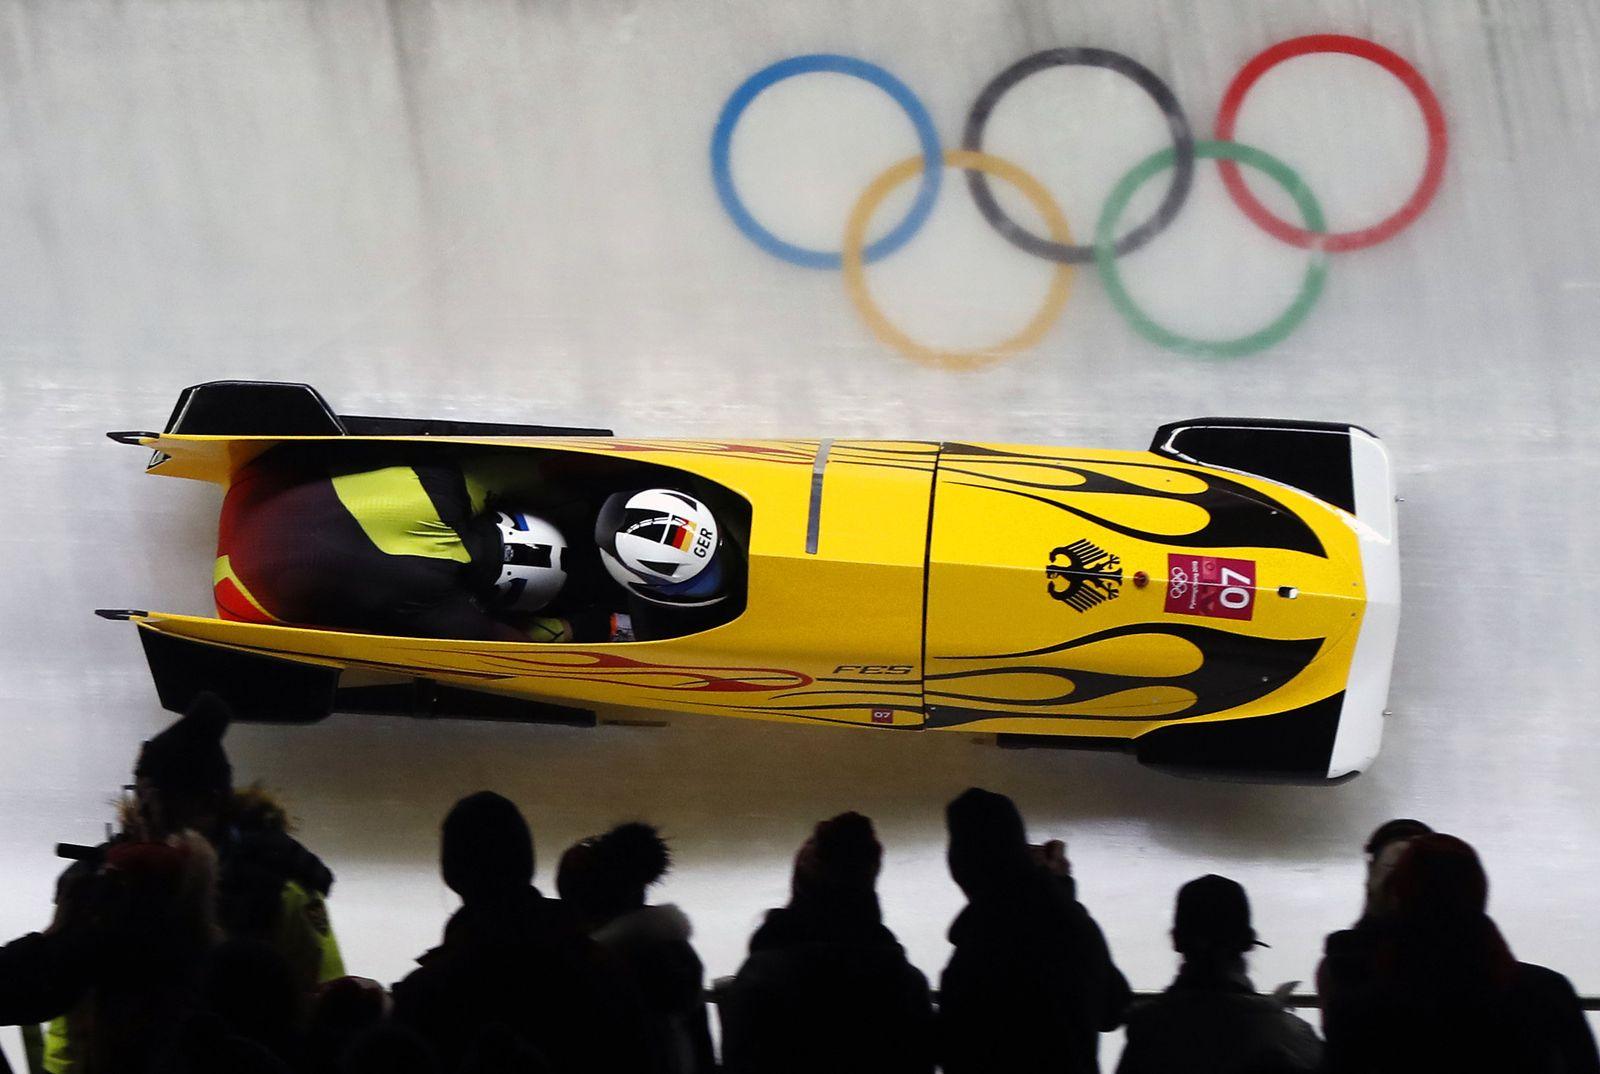 Pyeongchang Bob Friedrich